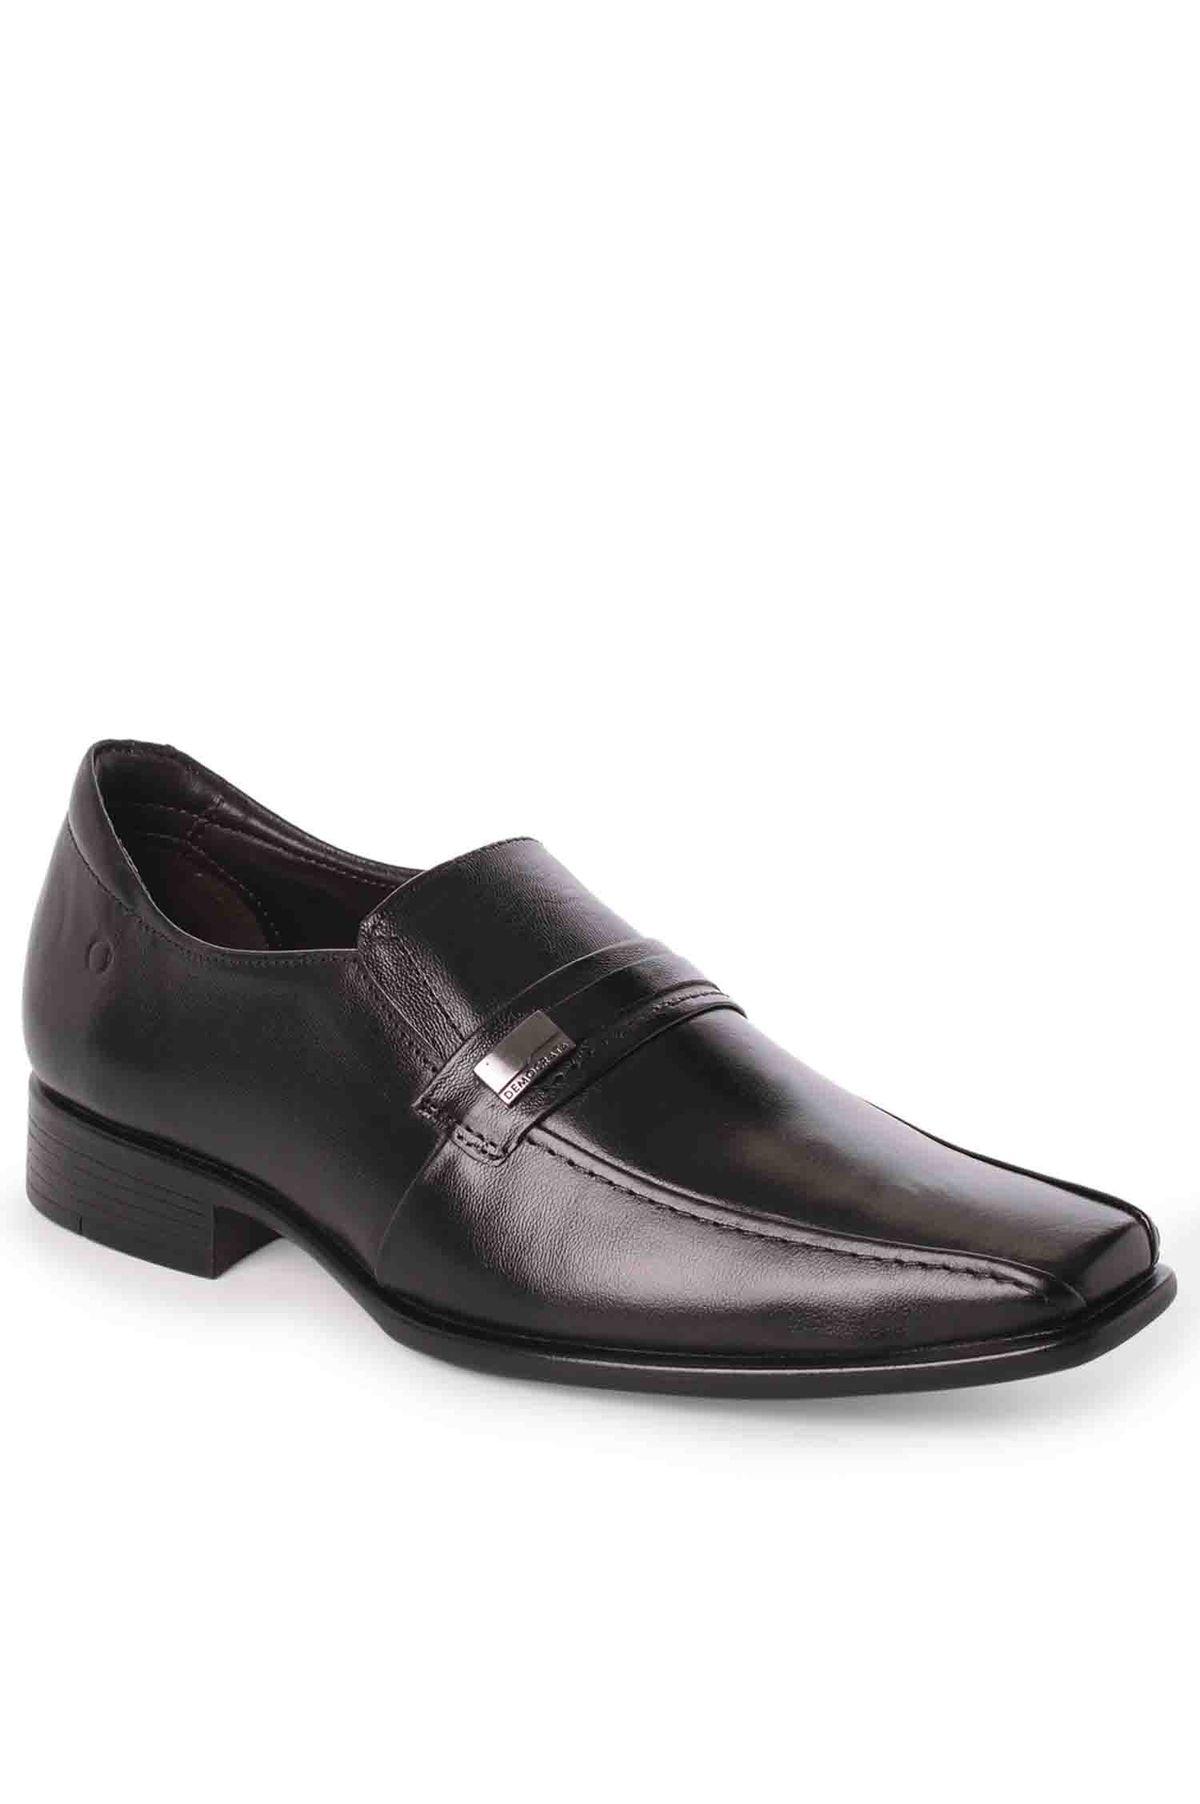 1b068a39f Sapato Social Democrata Hampton | Mundial Calçados - Mundial Calçados